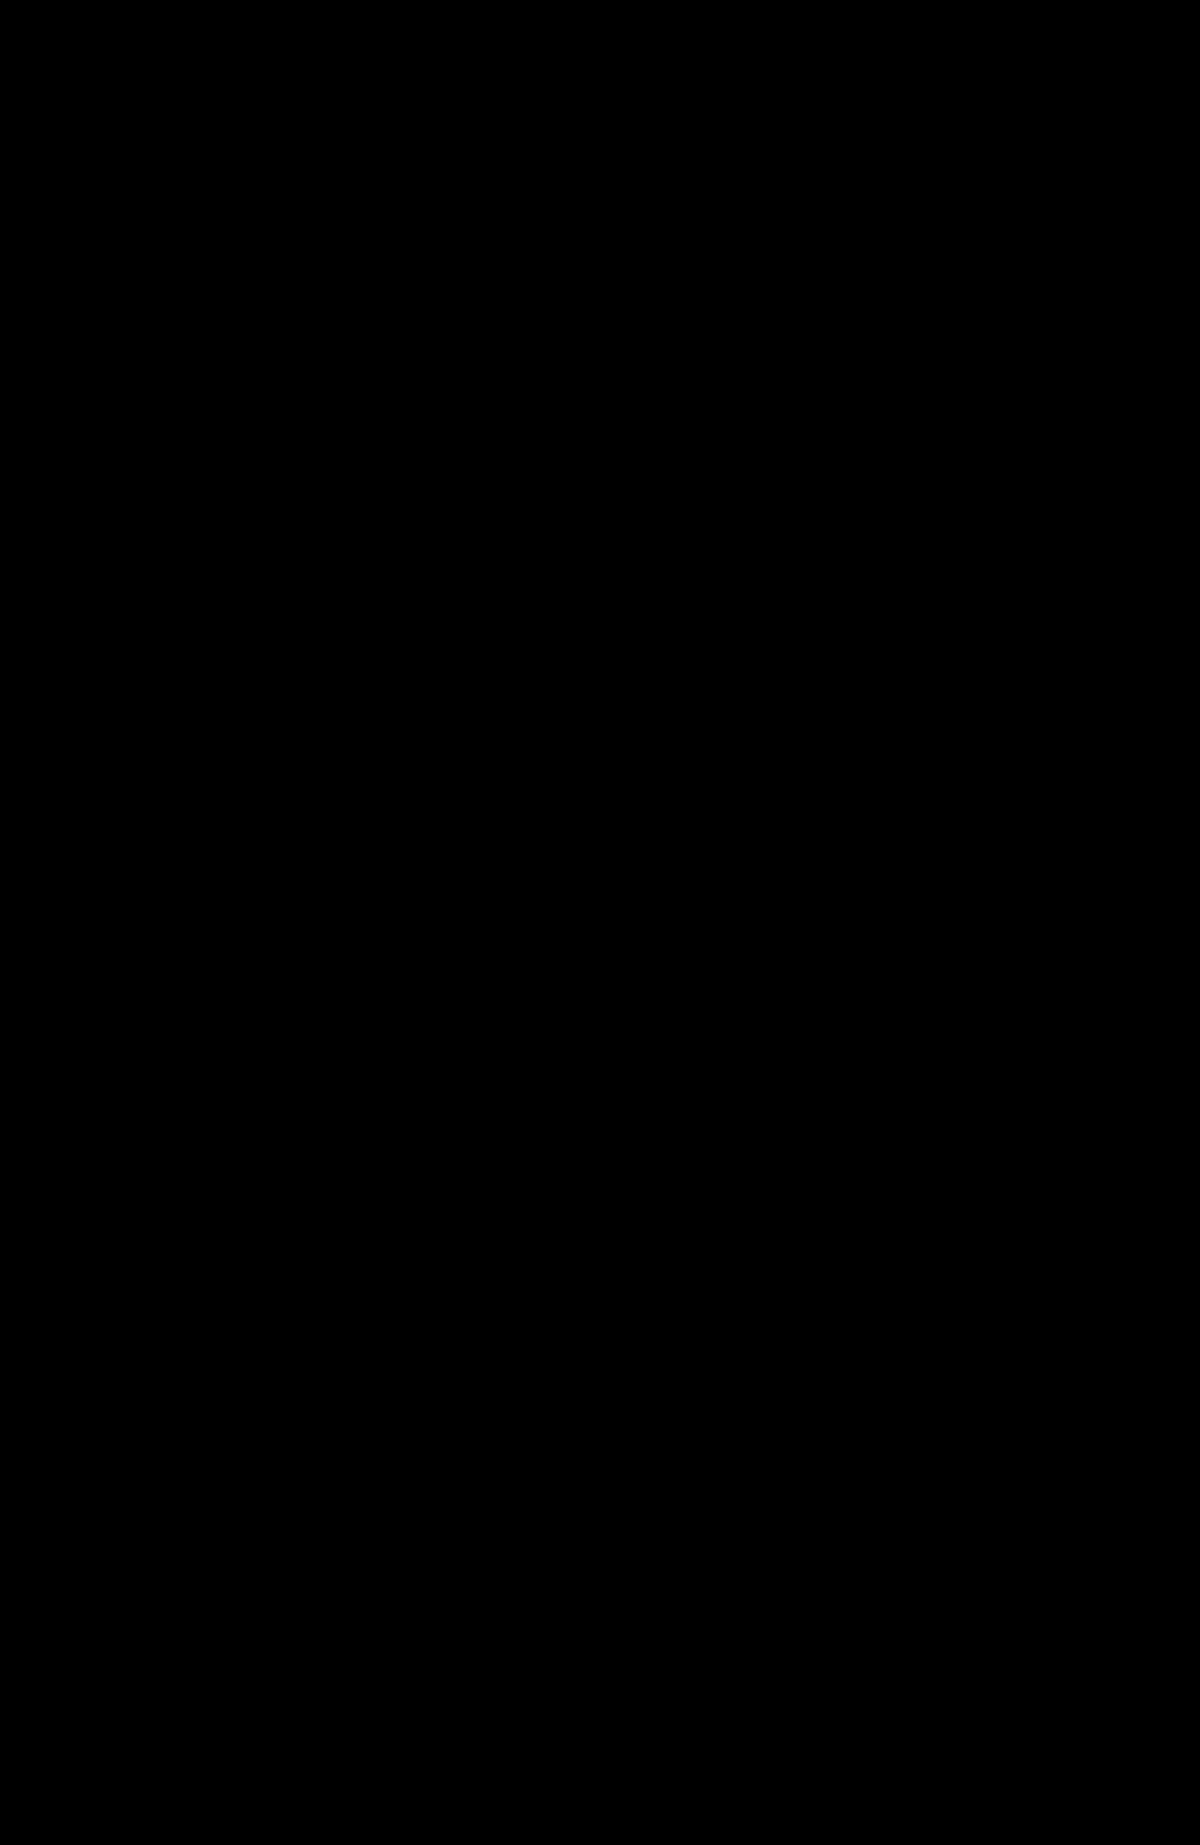 Logo for TacoBell